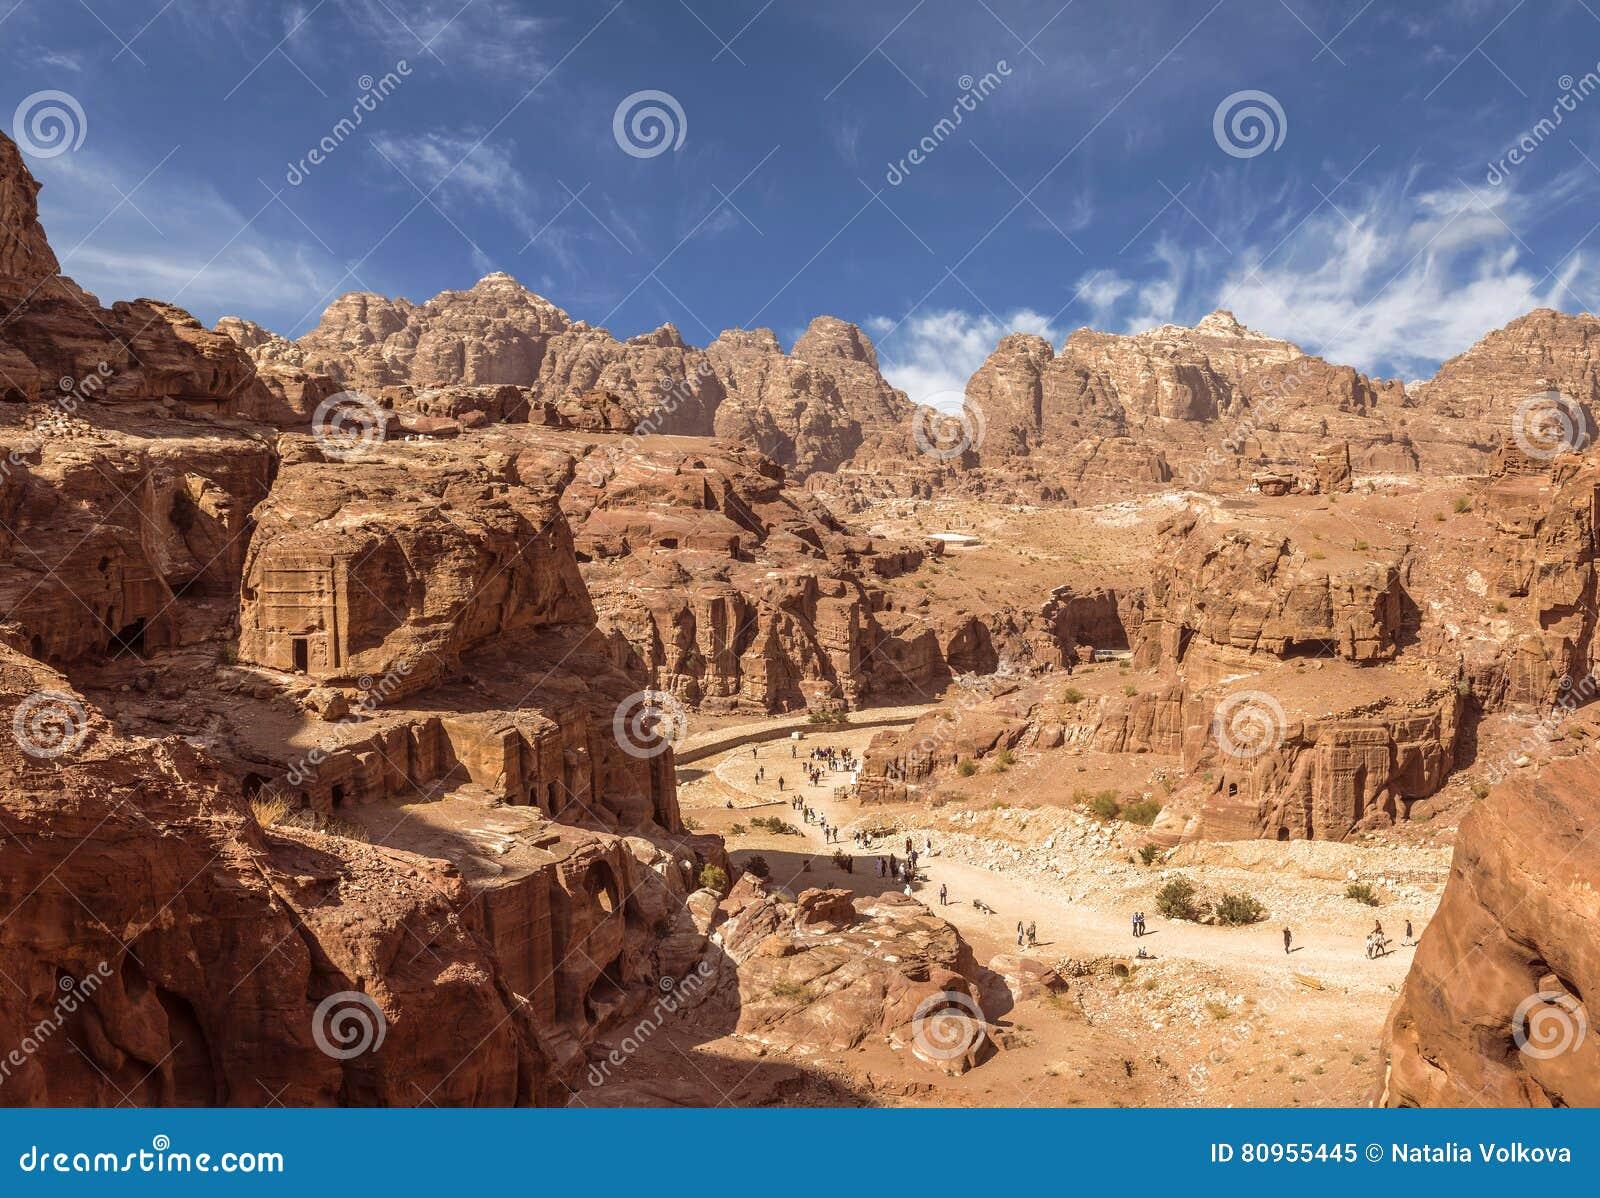 panorama von petra in jordanien alte stadt hauptstadt des edomites und sp ter das kapital vom. Black Bedroom Furniture Sets. Home Design Ideas